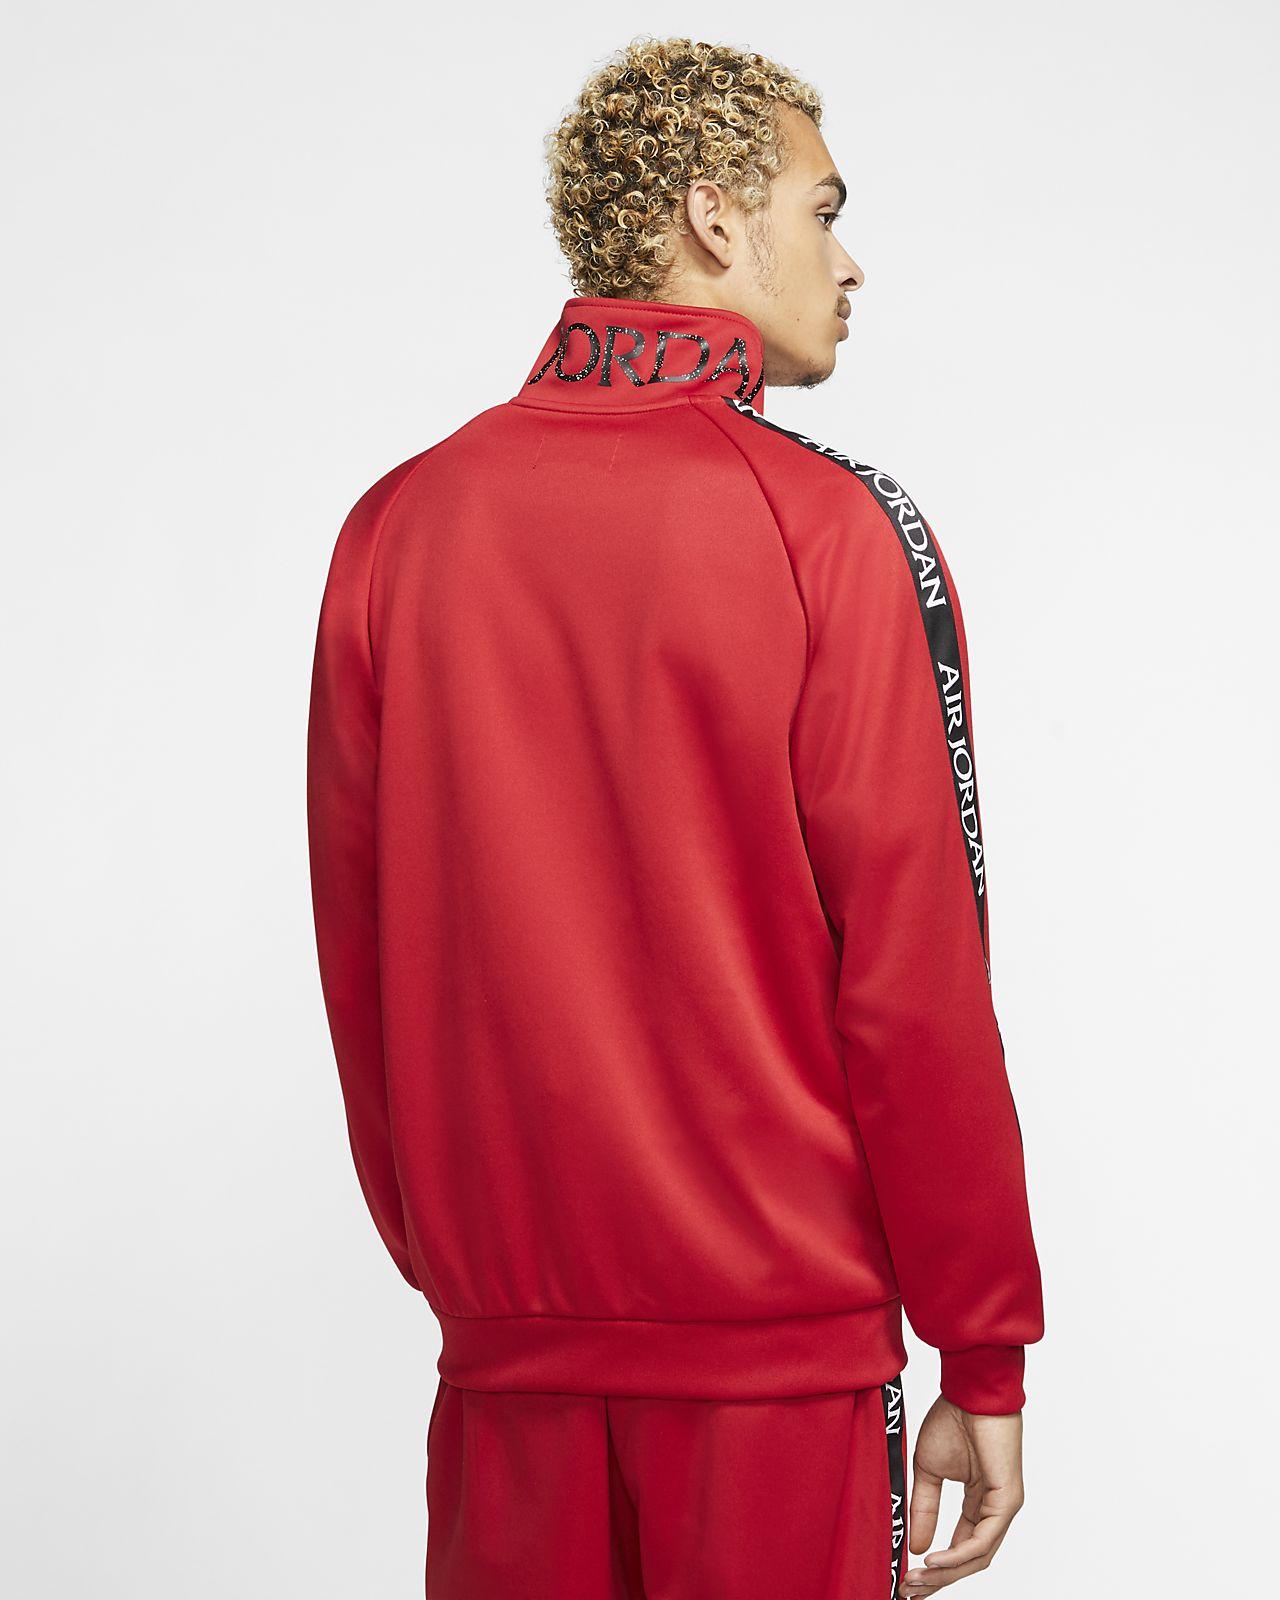 Jordan Jumpman Classics Herren Trainingsjacke aus Trikotmaterial